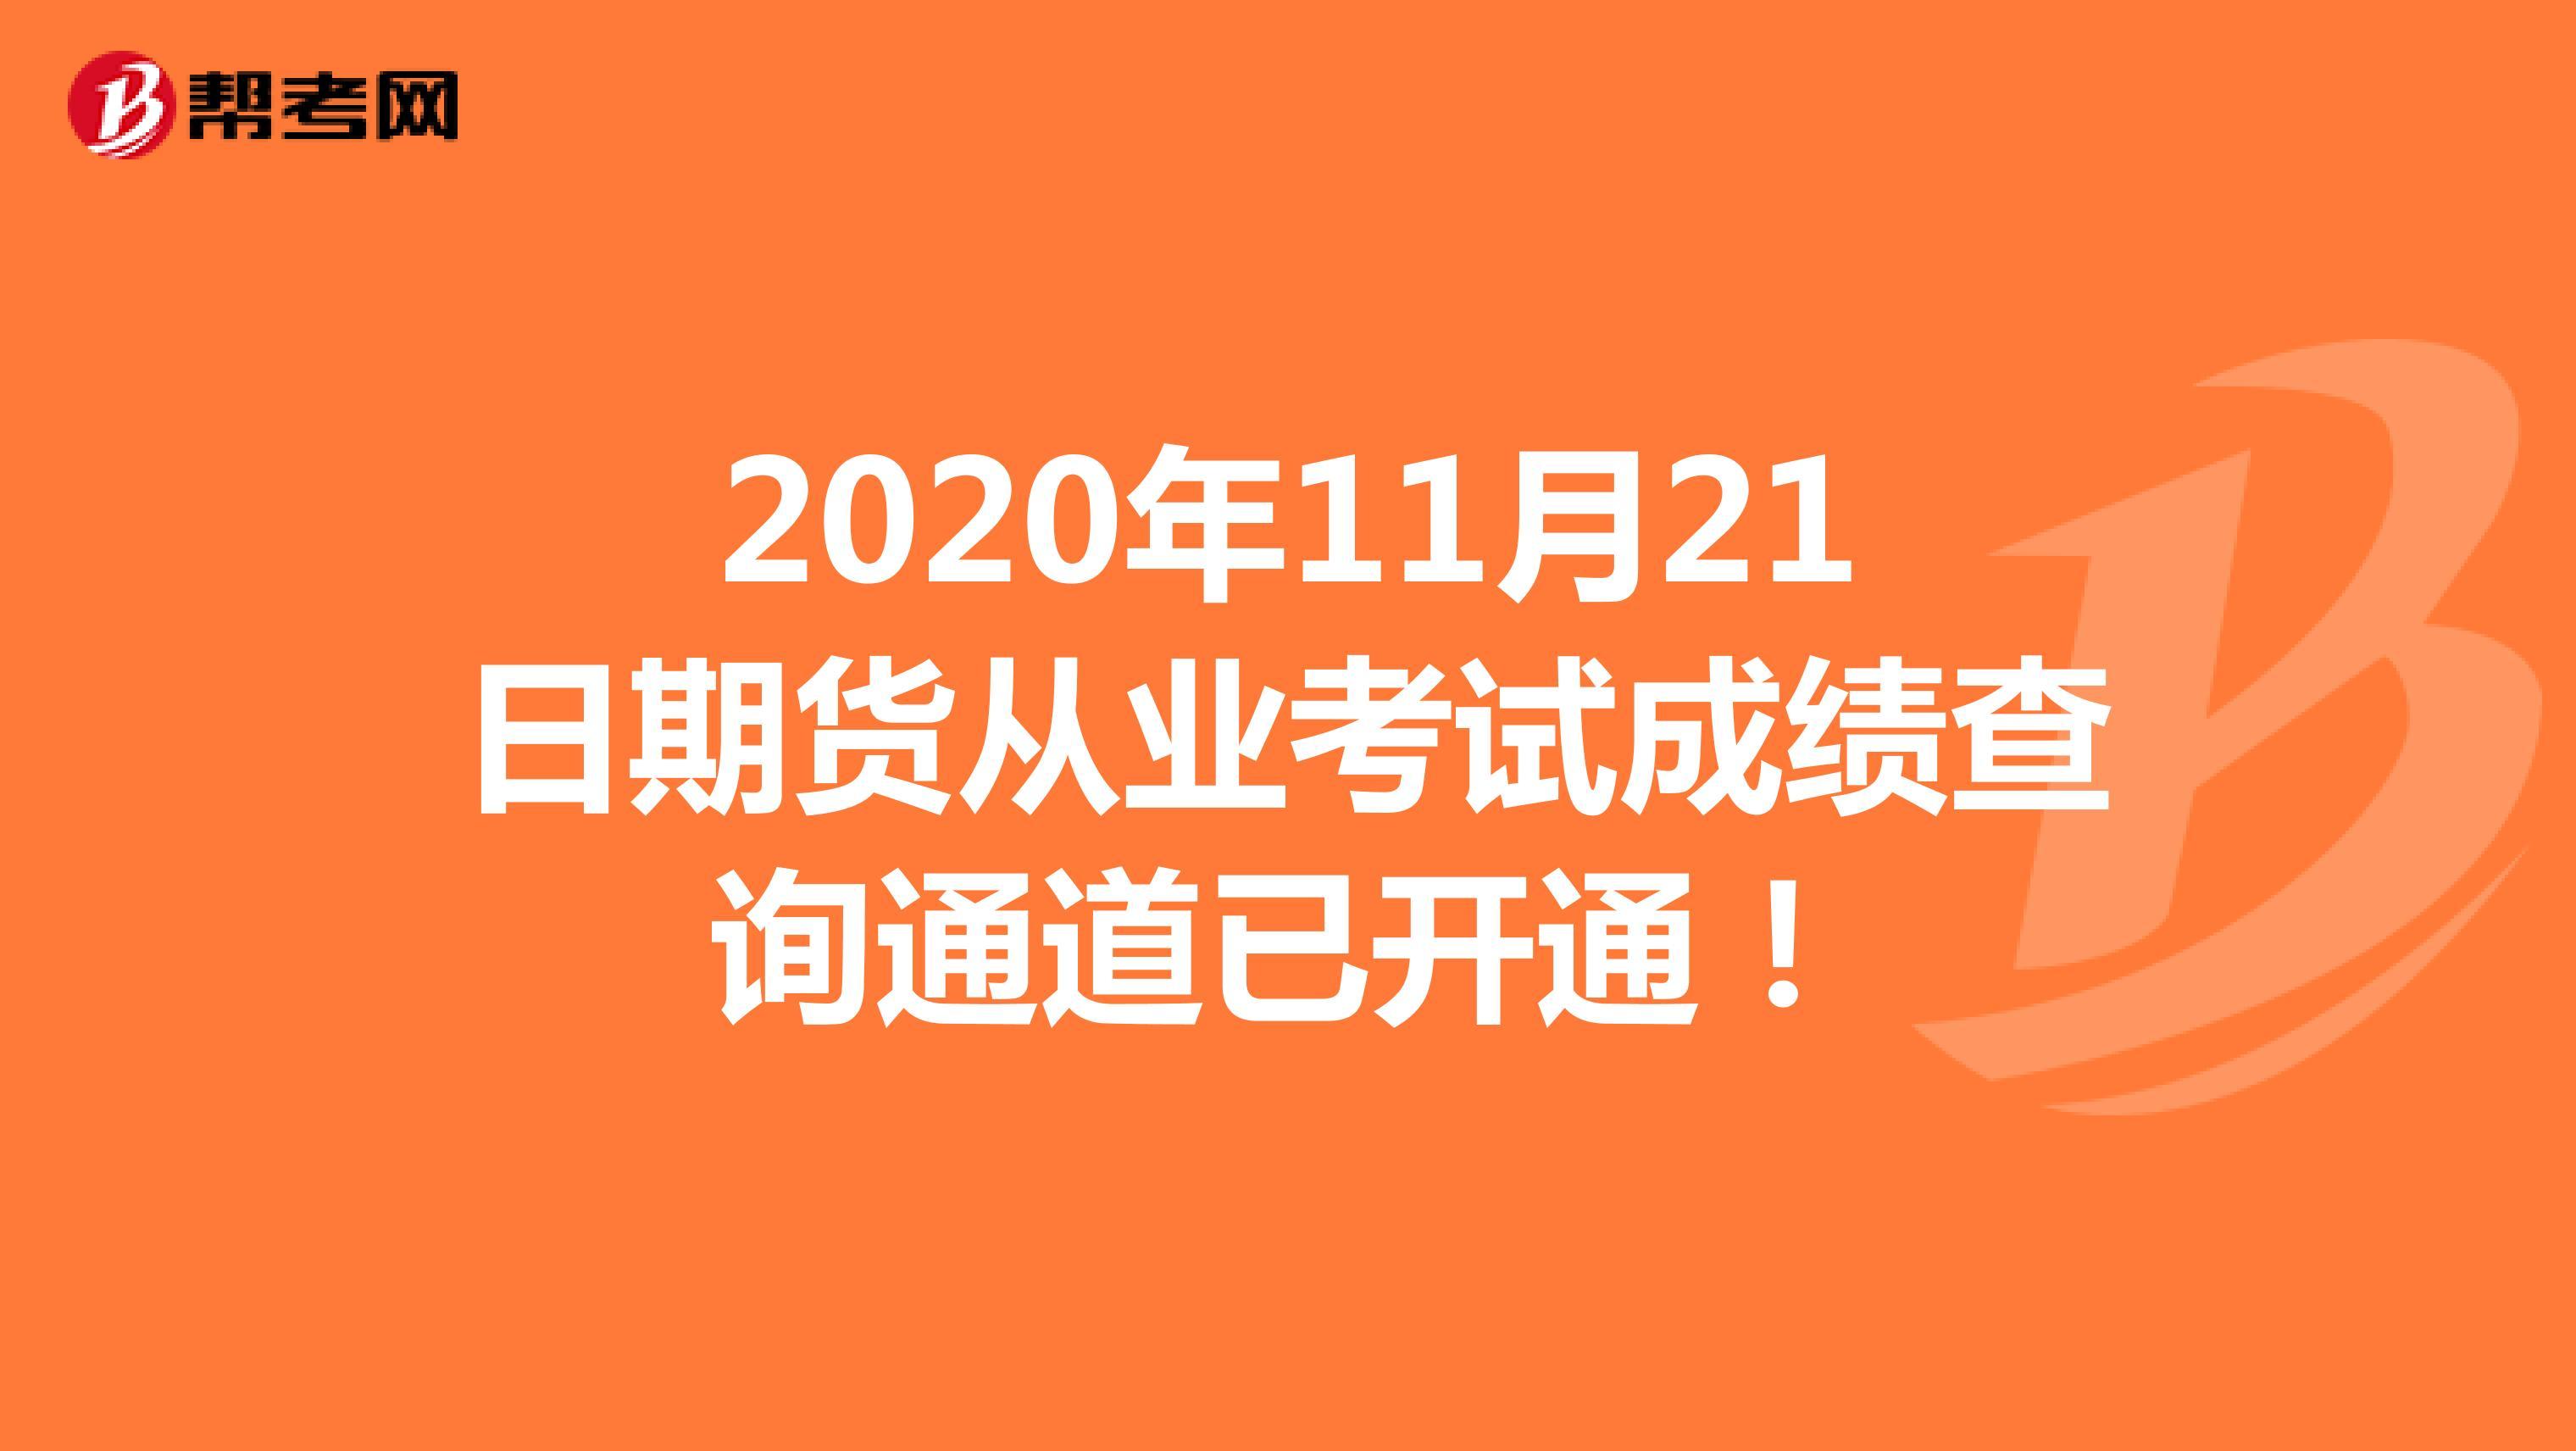 2020年11月21日期货从业考试成绩查询通道已开通!